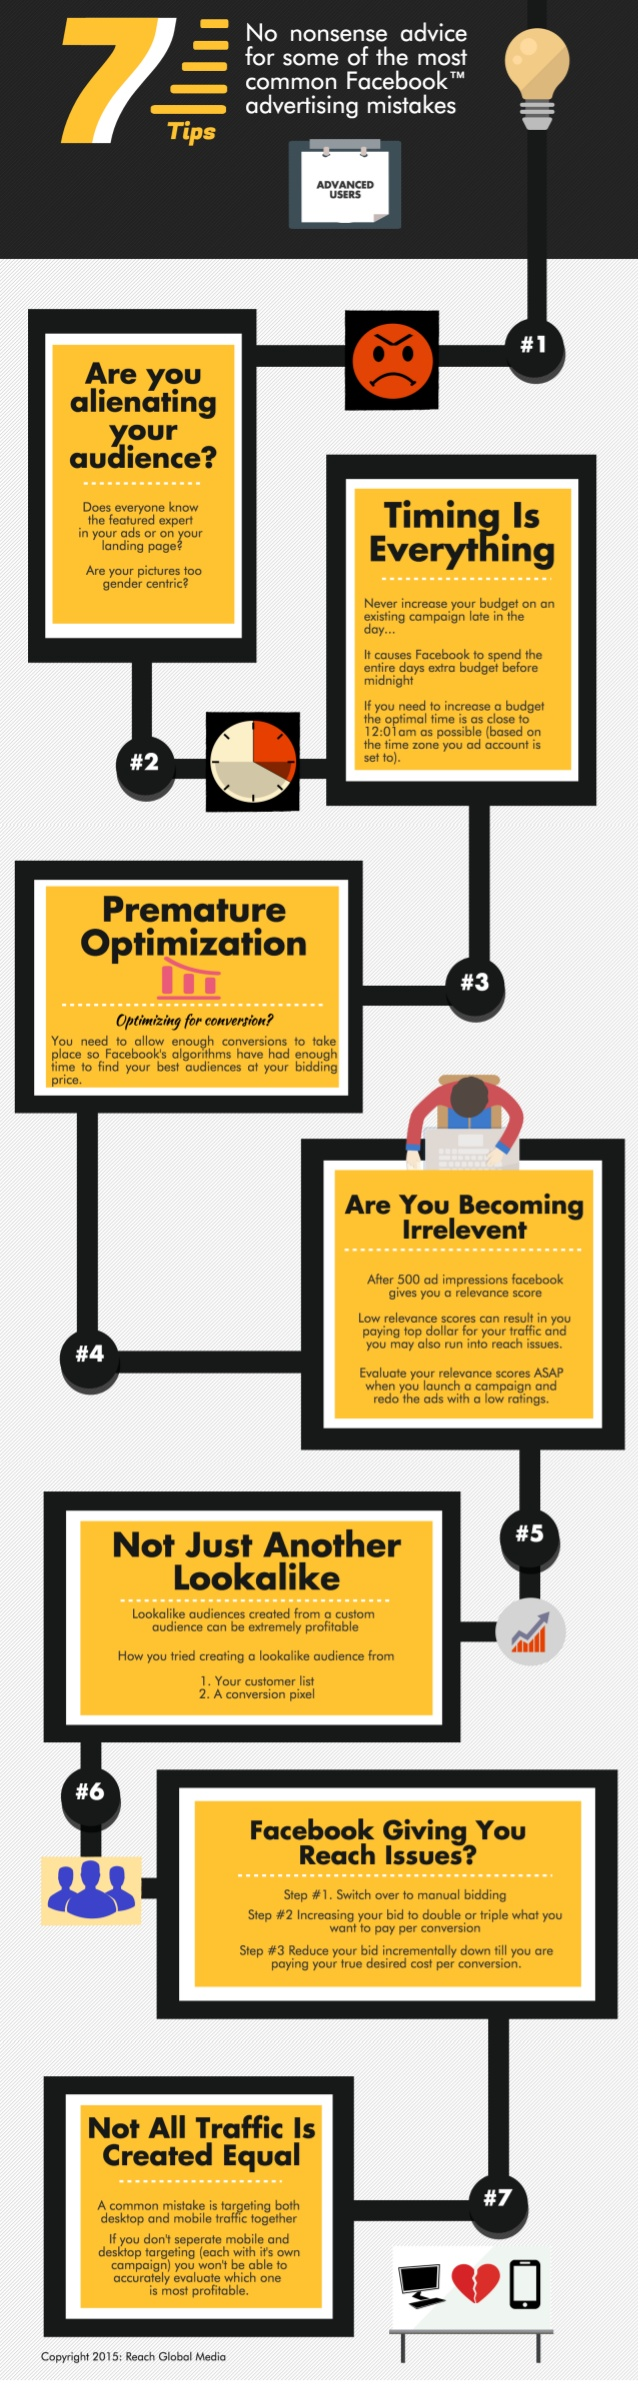 7 consejos sobre publicidad en FaceBook